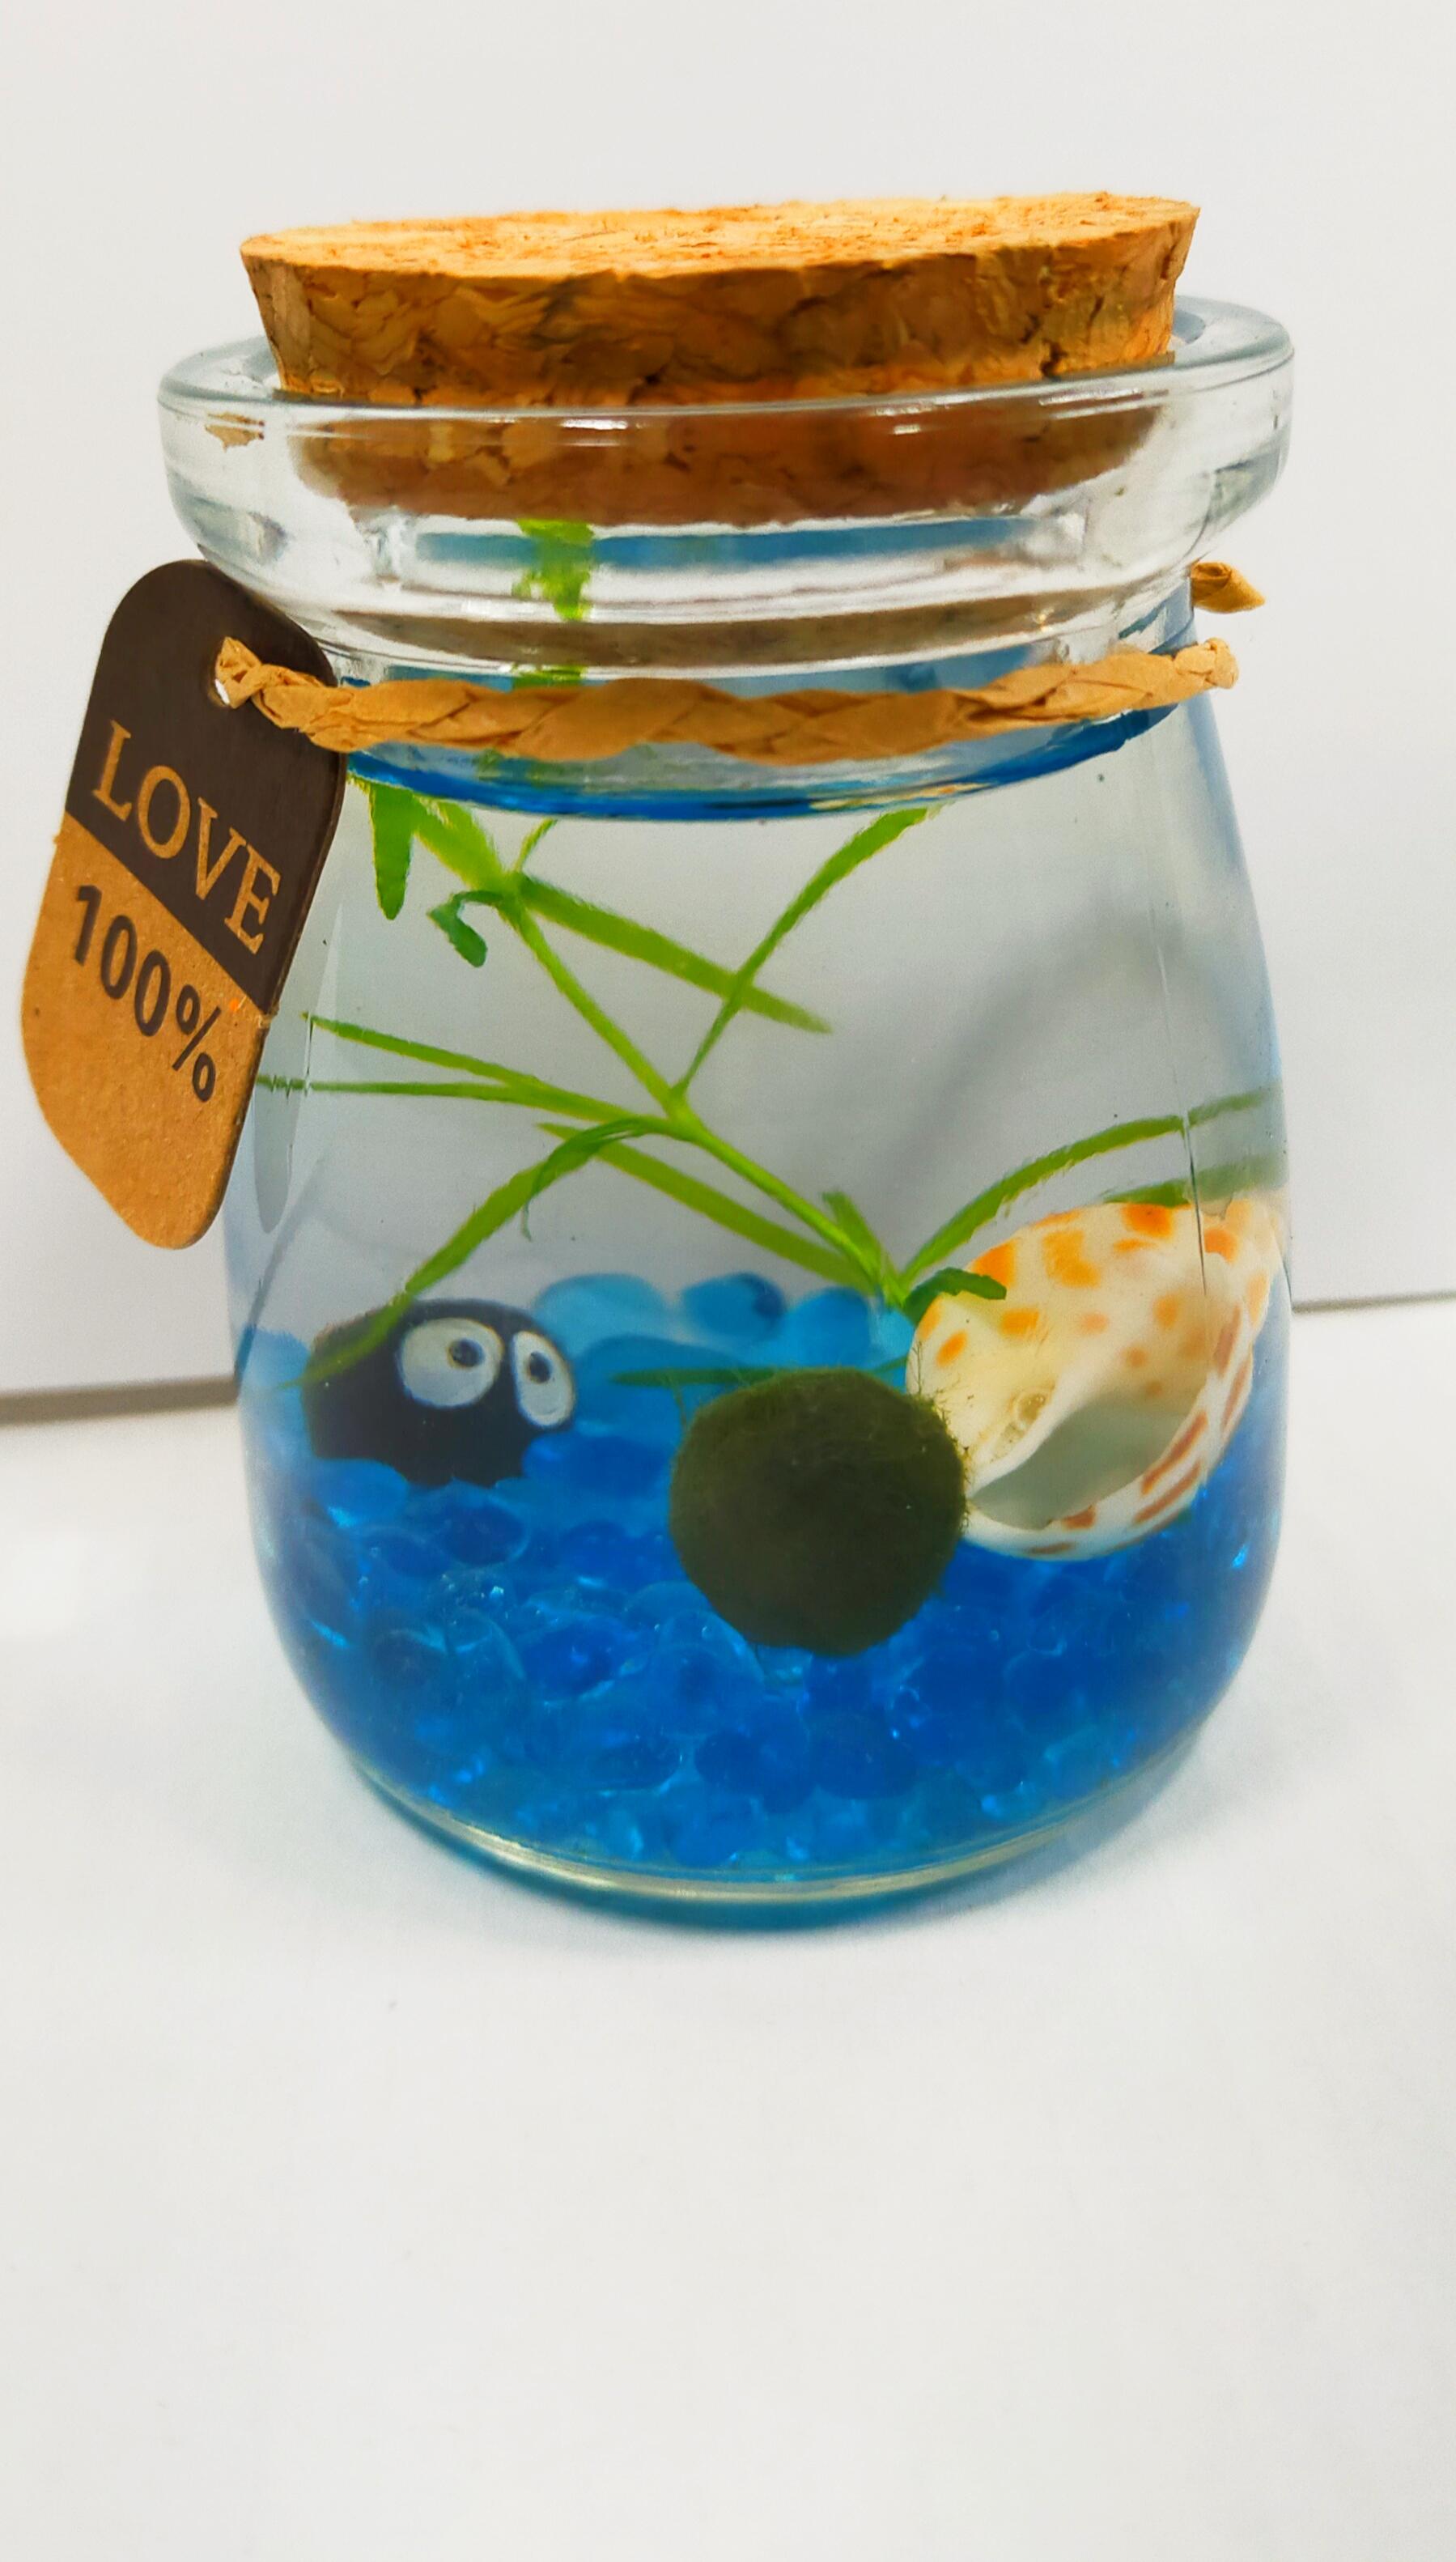 (特價中)親子DIY 水草瓶水草缸 生態瓶 魚草共生 餐廳辦公桌裝飾 療癒小物 綠藻球瓶 炸毛君 團體禮品聖誕節交換禮物